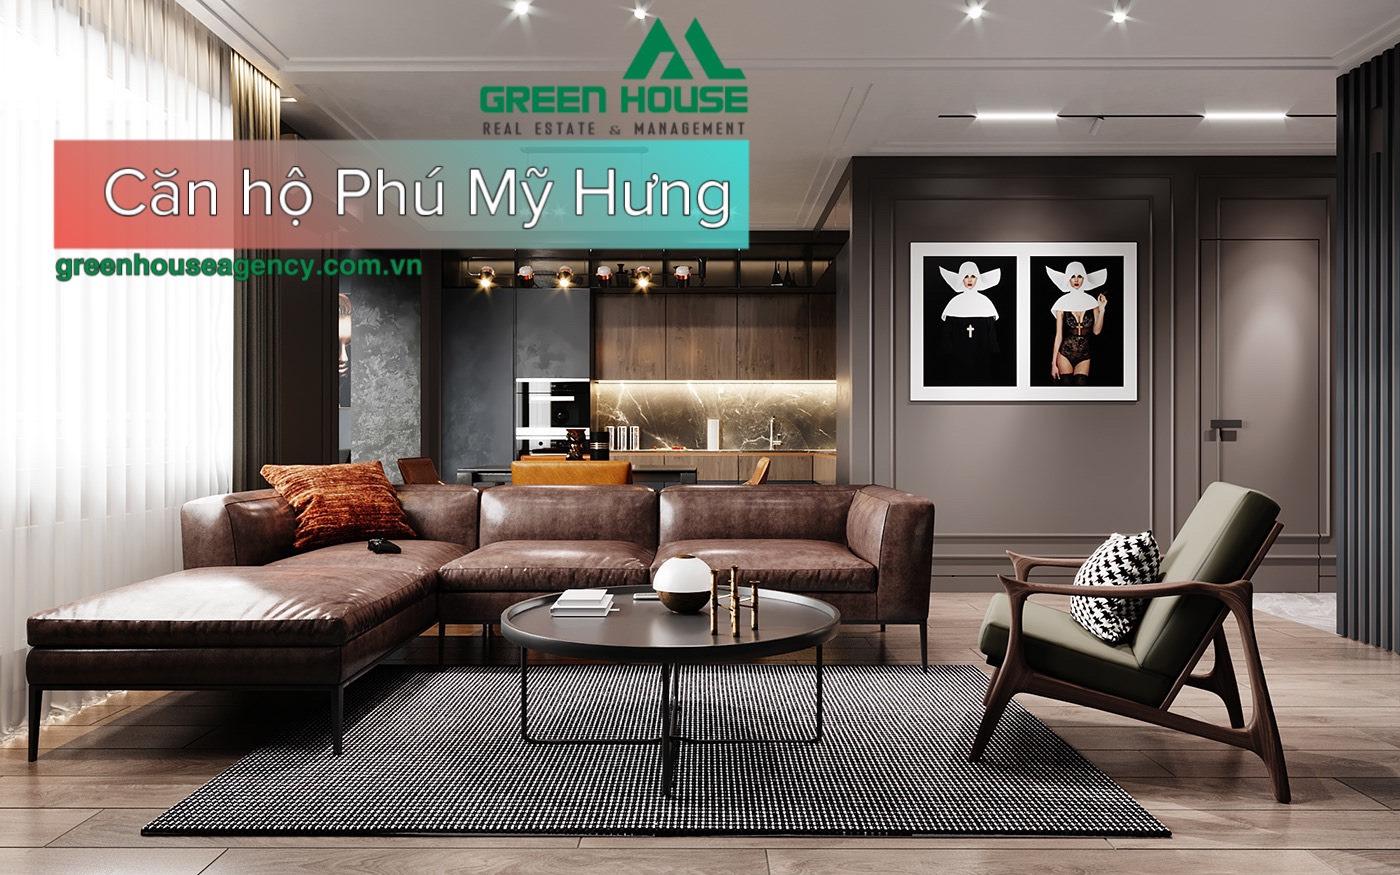 can ho phu my hung